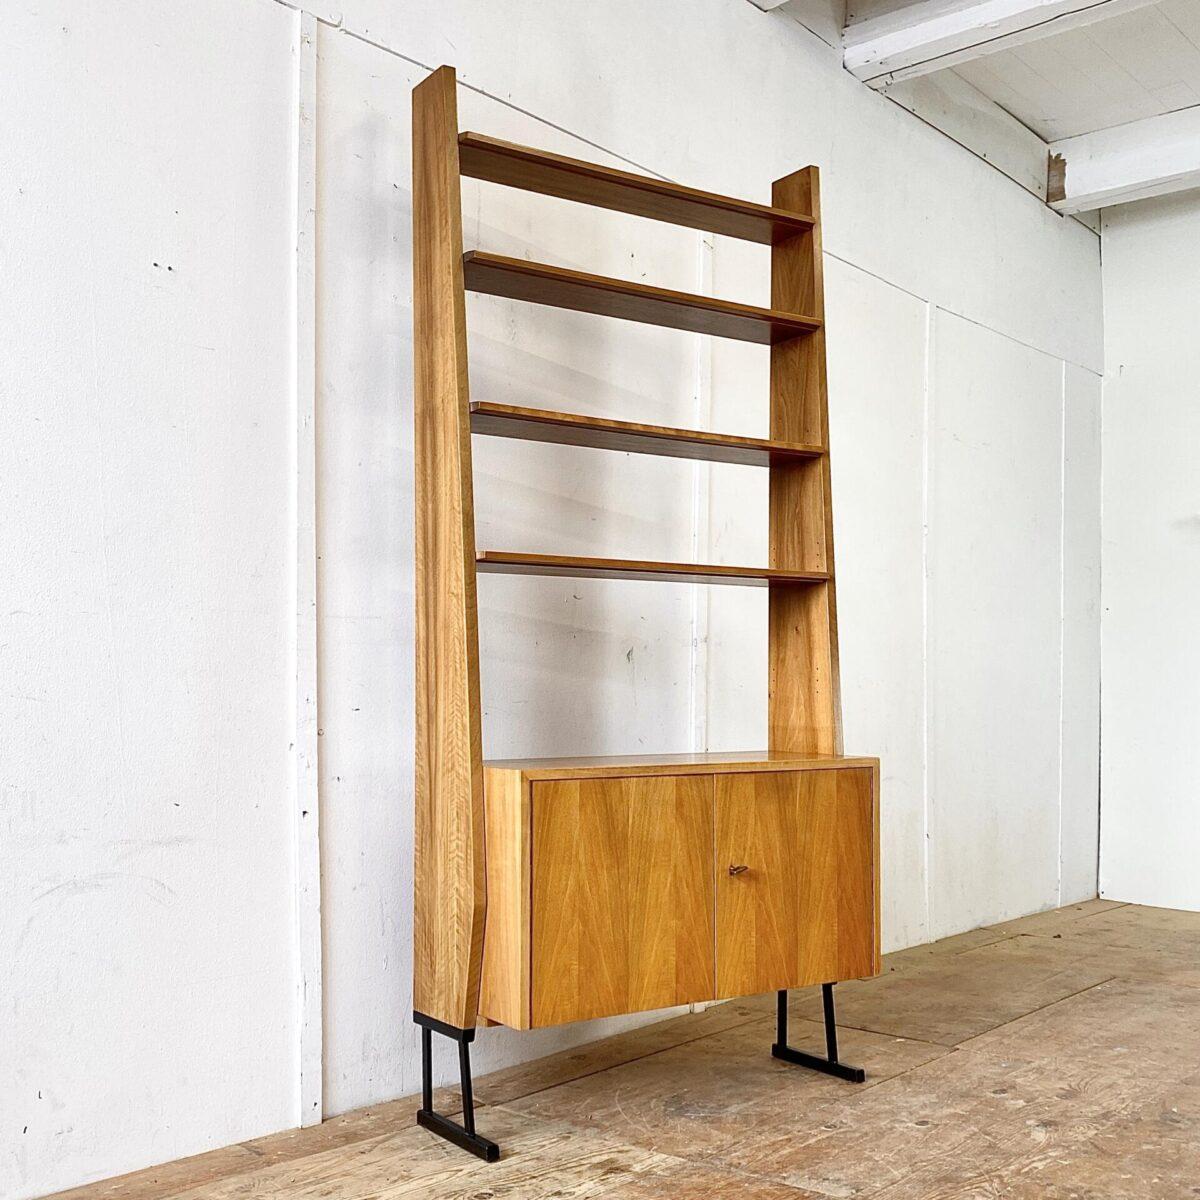 Deuxieme.shop vintage Sideboard highboard. Bücherregal mit abschliessbaren Schrank. Preis pro Regal. 90x35cm Höhe 194cm. Die Möbel sind Nussbaum furniert und stehen auf schwarzen Metallfüssen, die Tablare sind höhenverstellbar.